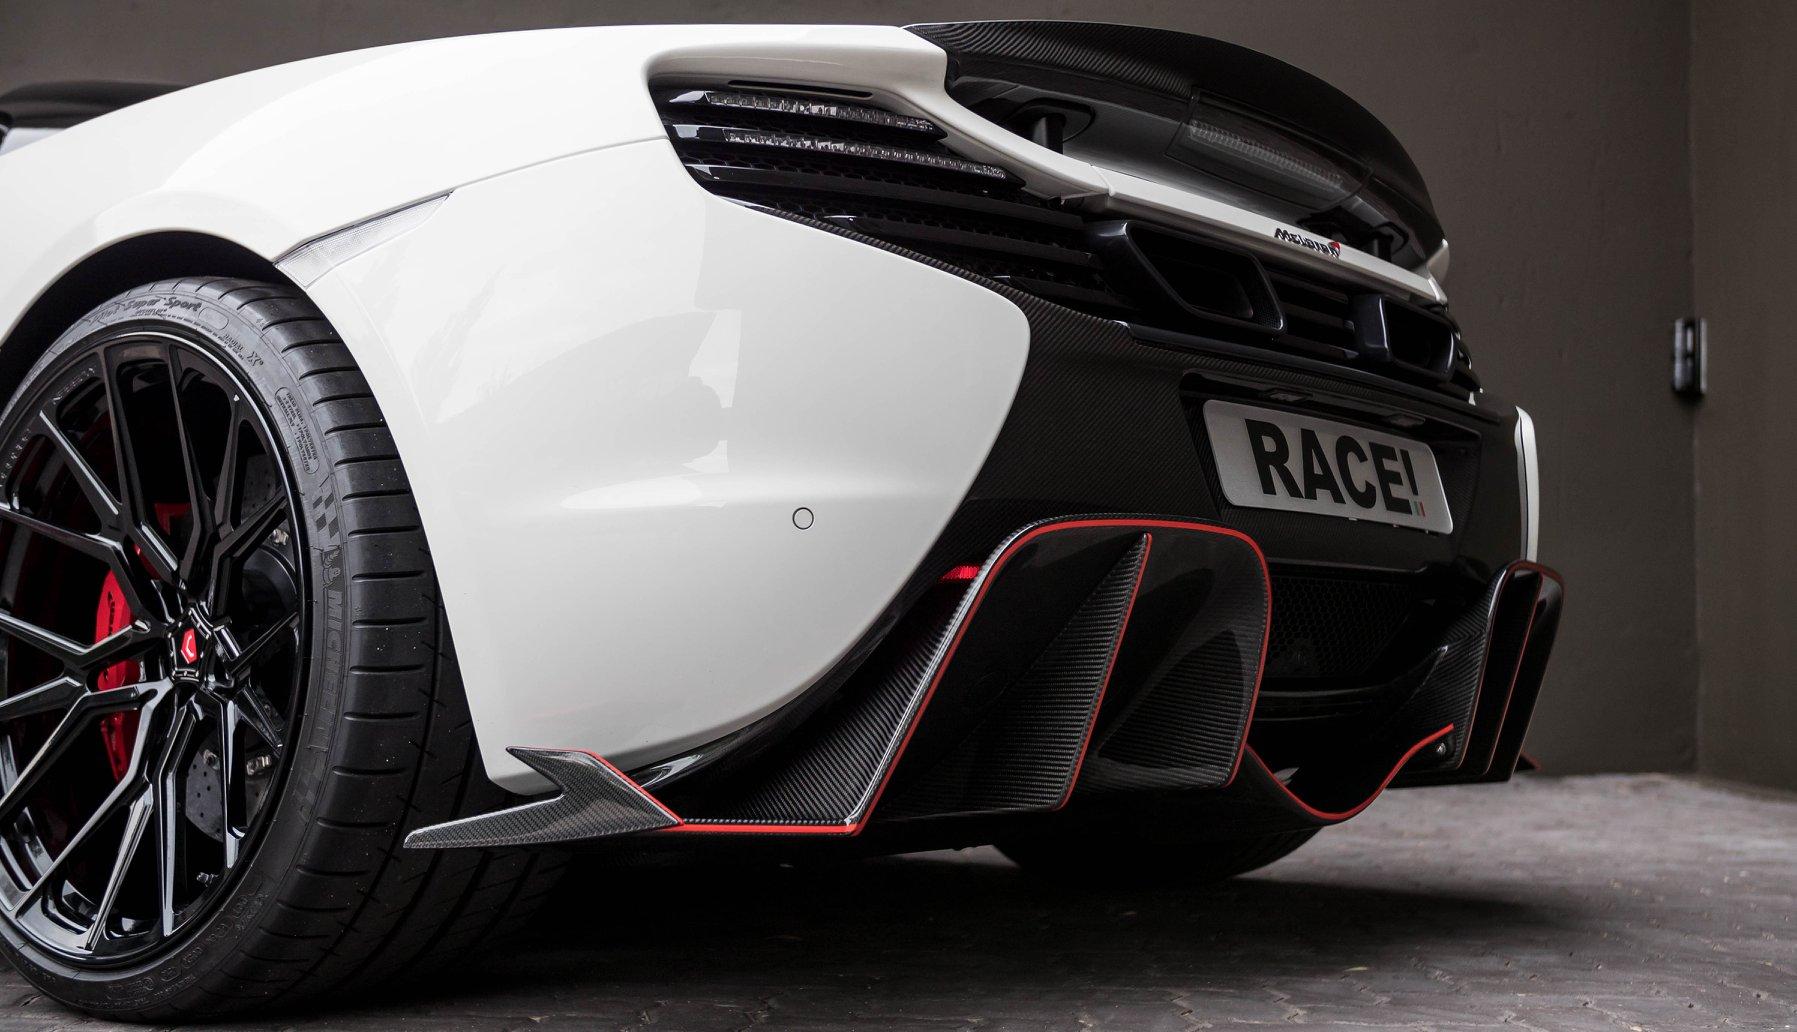 McLaren 650S Spider by Race (15)